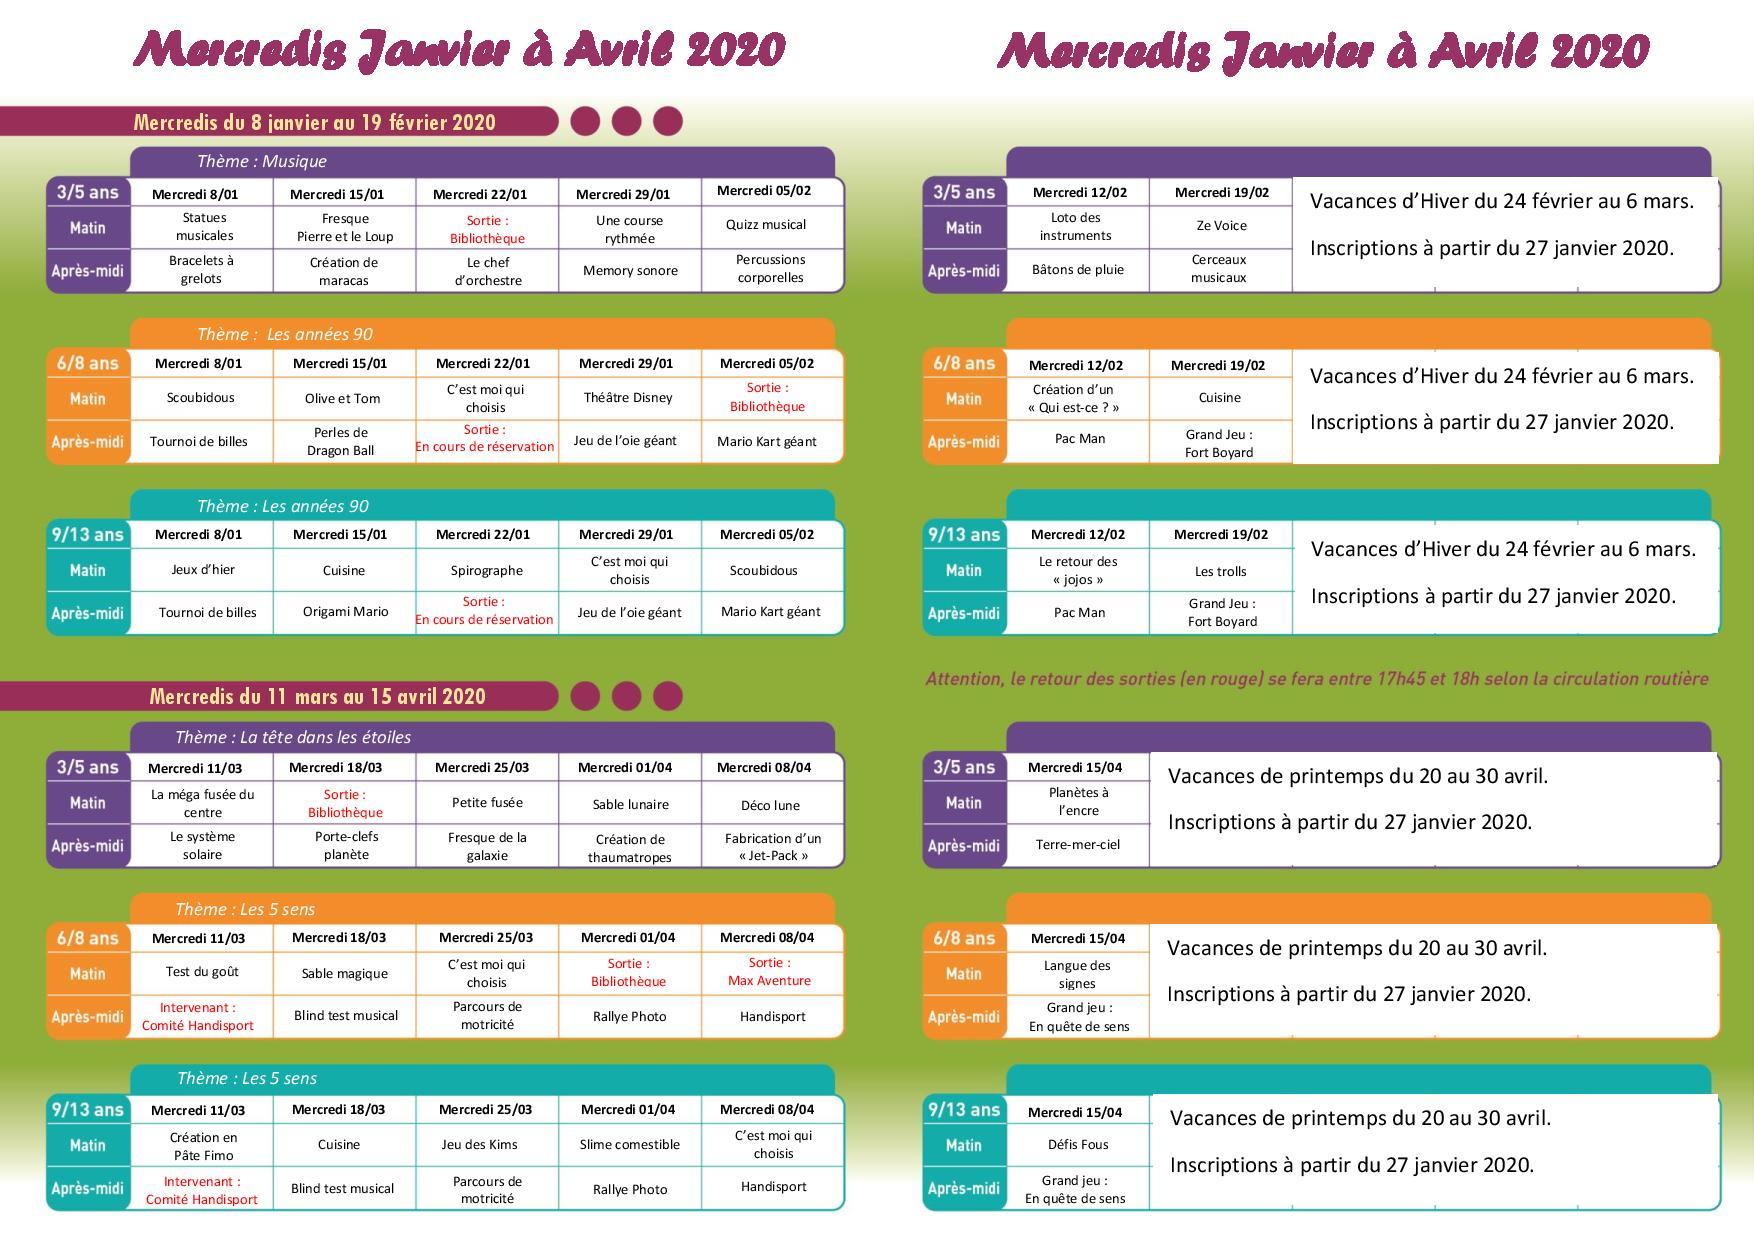 Programme des accueils de loisirs des mercredis du 8 janvier au 15 avril 2020